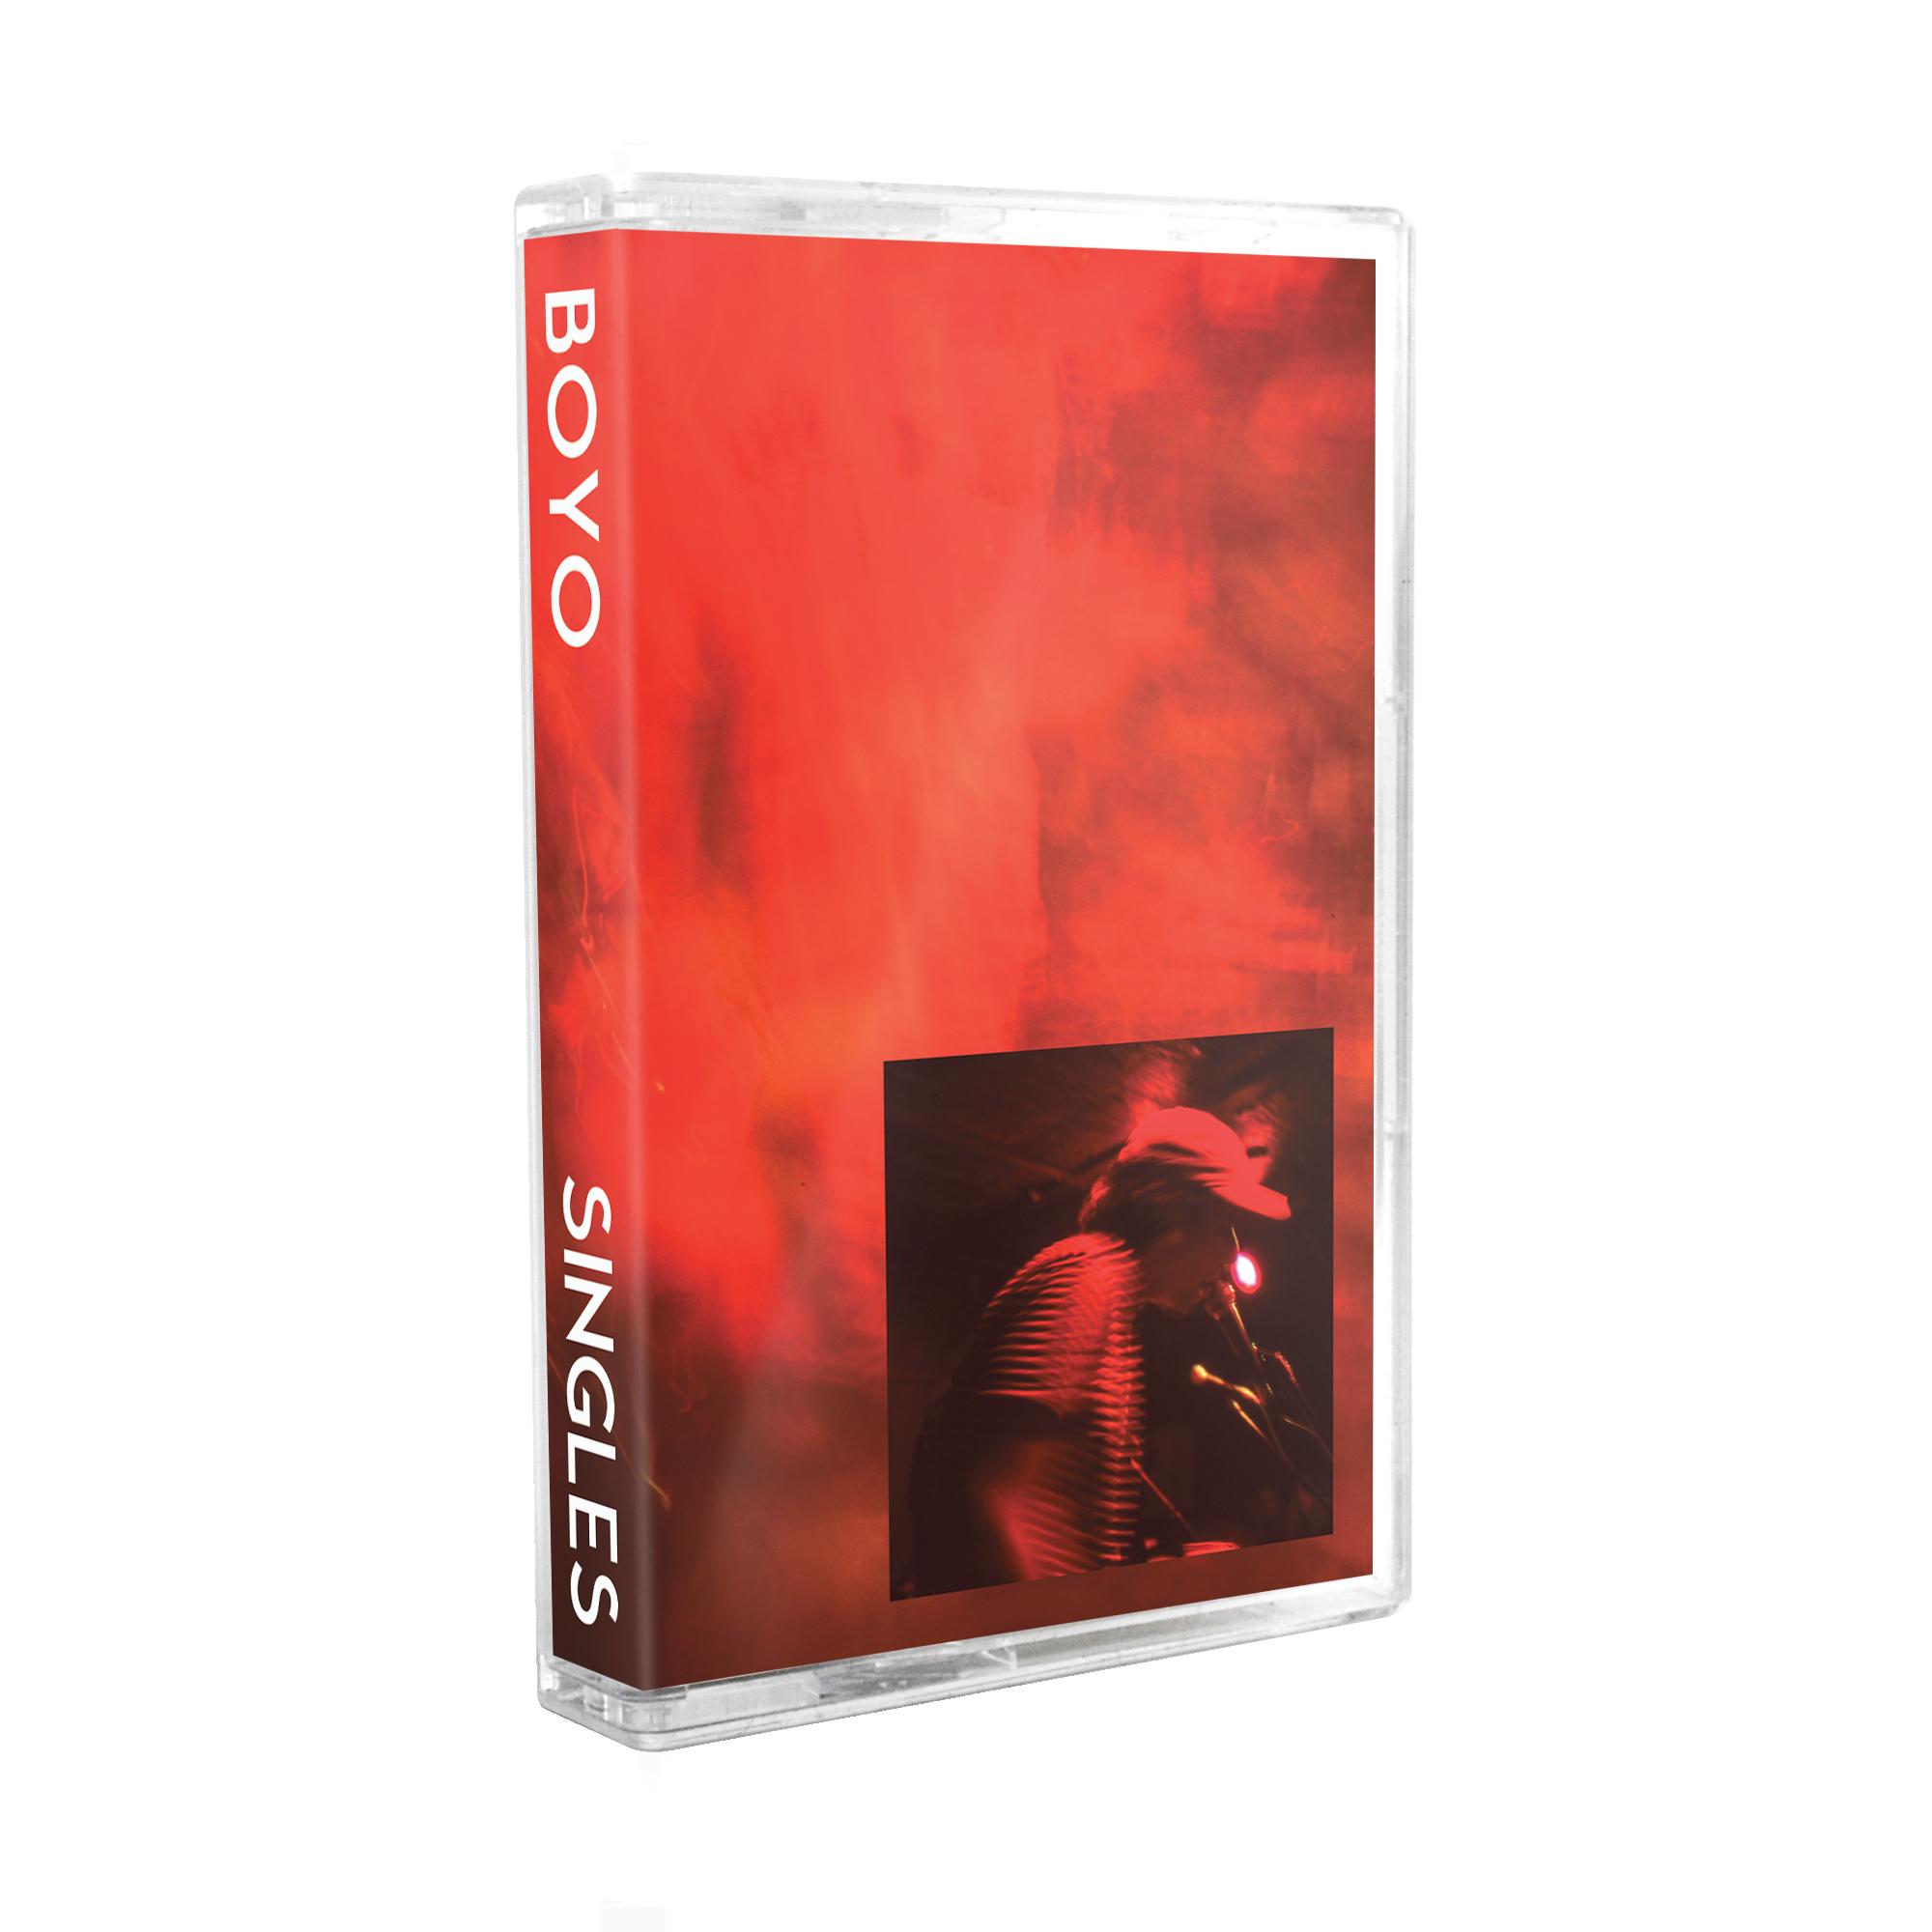 BOYO - Singles (Cassette)